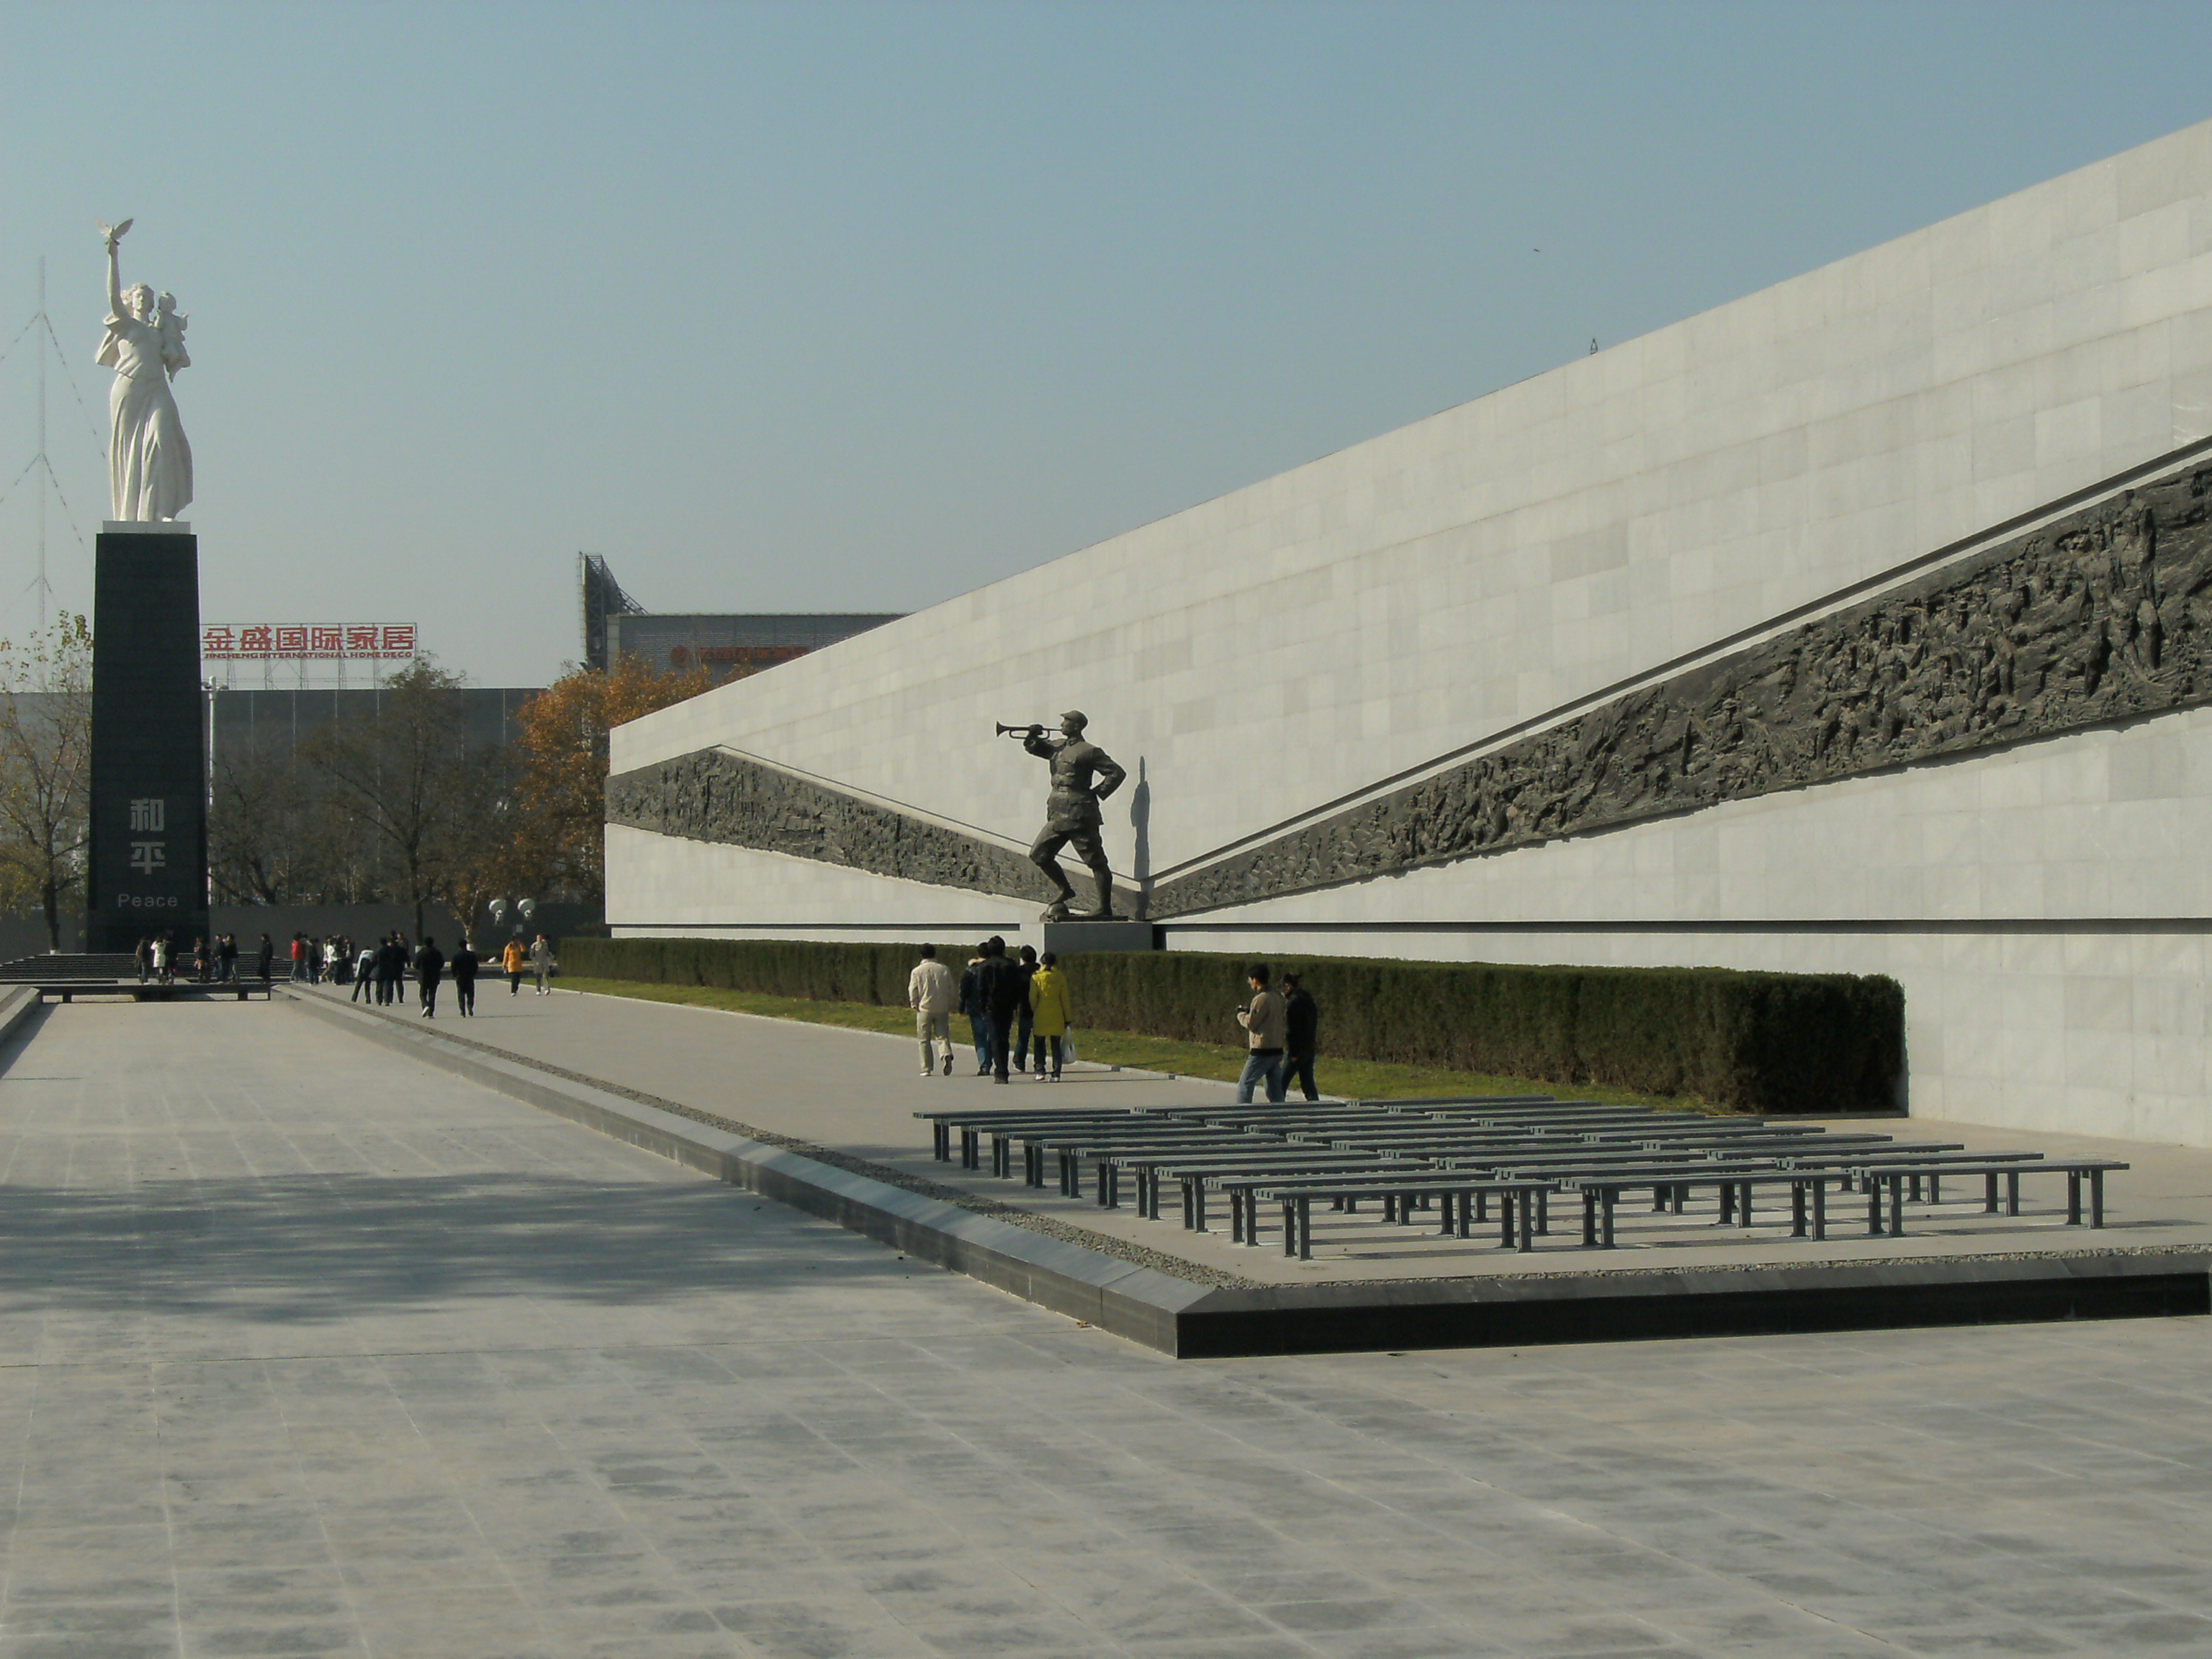 这座纪念馆是中国现代建筑设计大师齐康的杰作,这也是一个让人心情